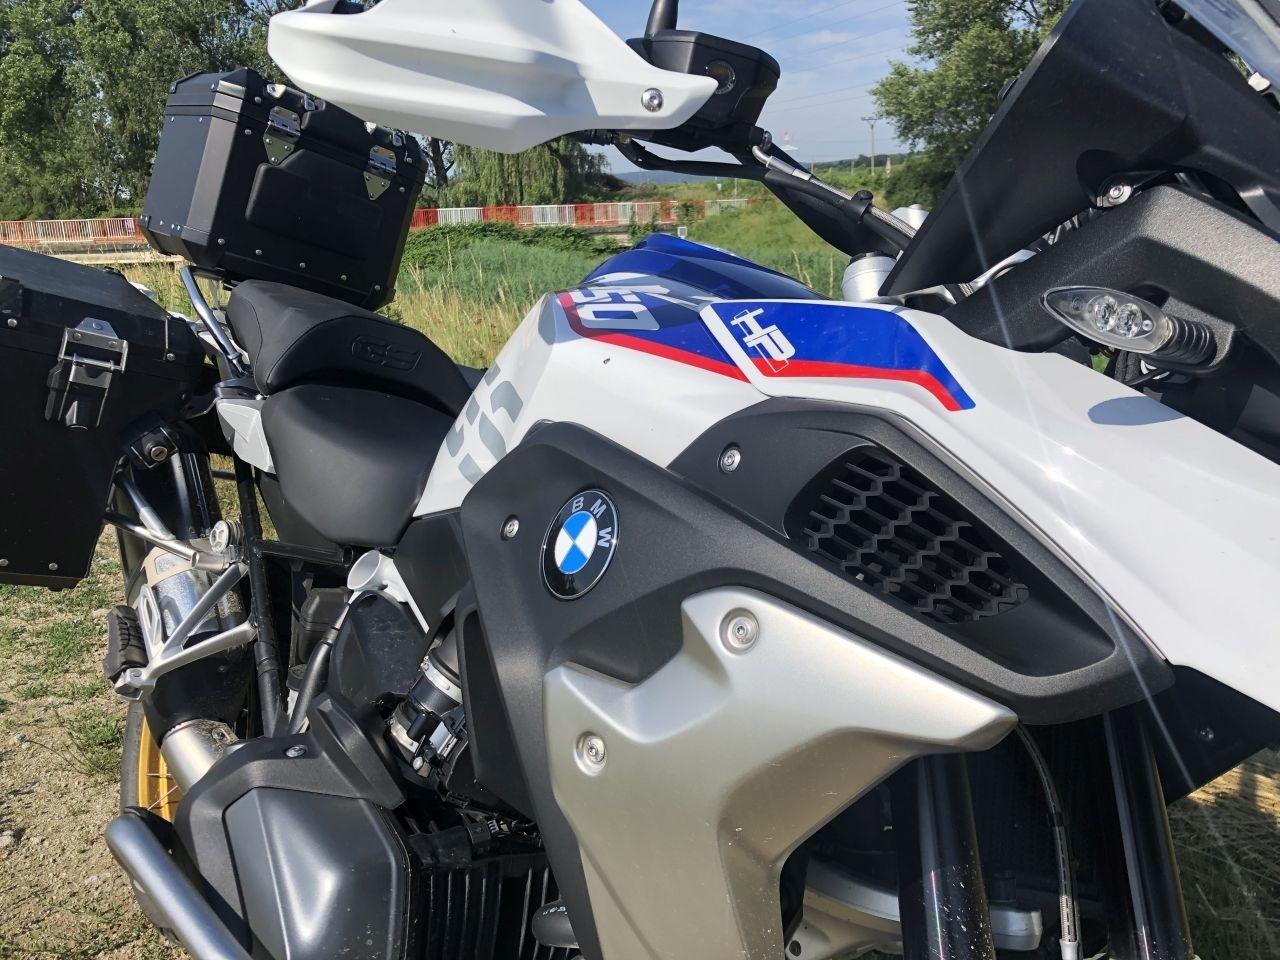 BMW R1250GS